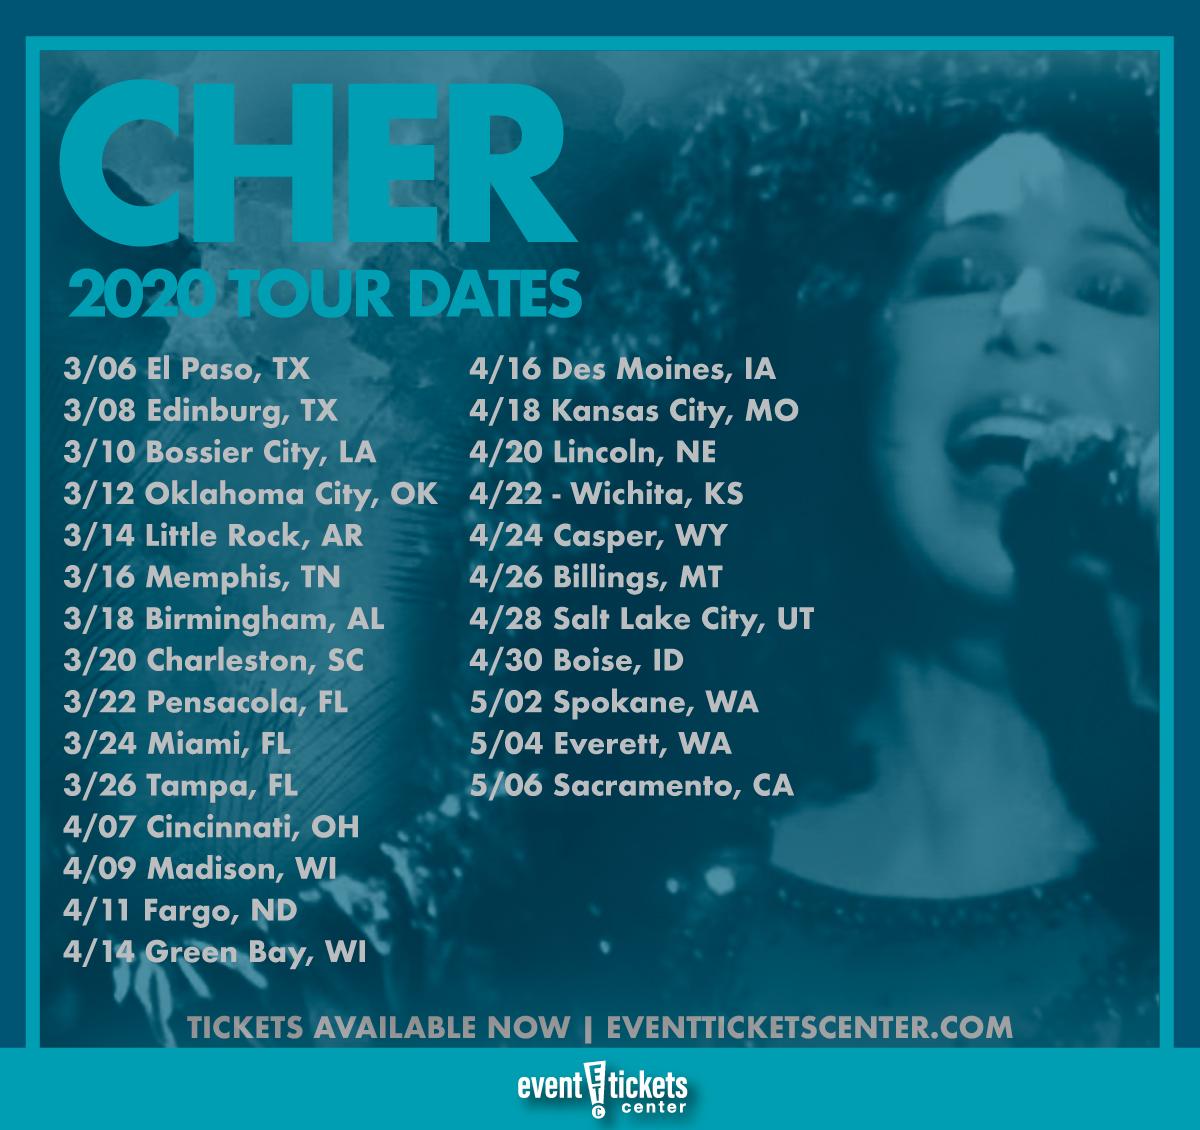 cher concert schedule 2020